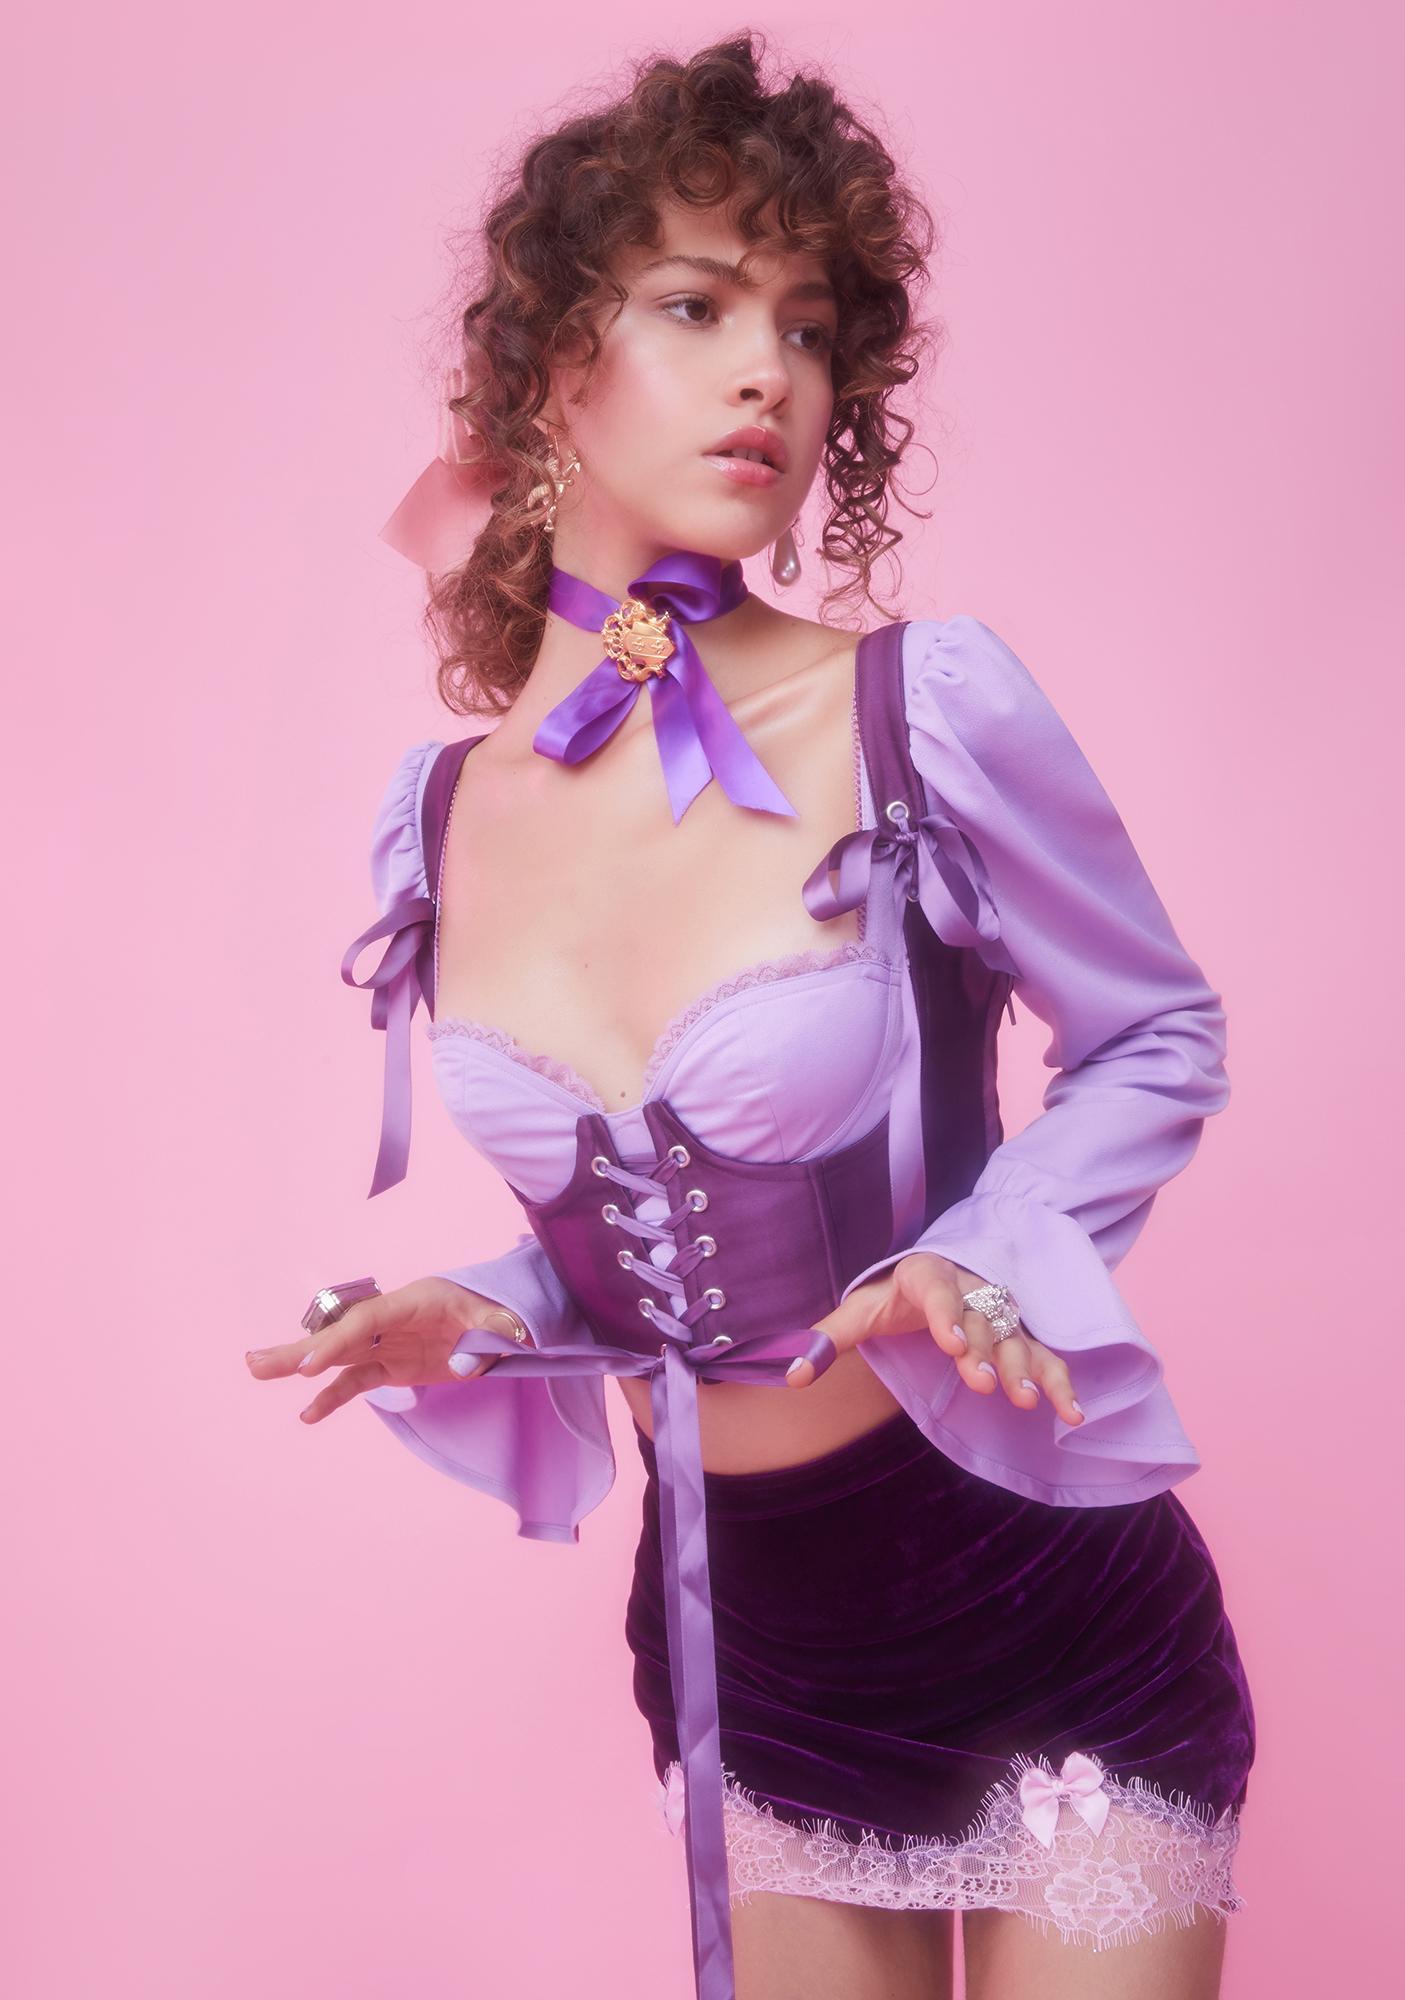 Sugar Thrillz Lilac My Beloved Underbust Corset Top